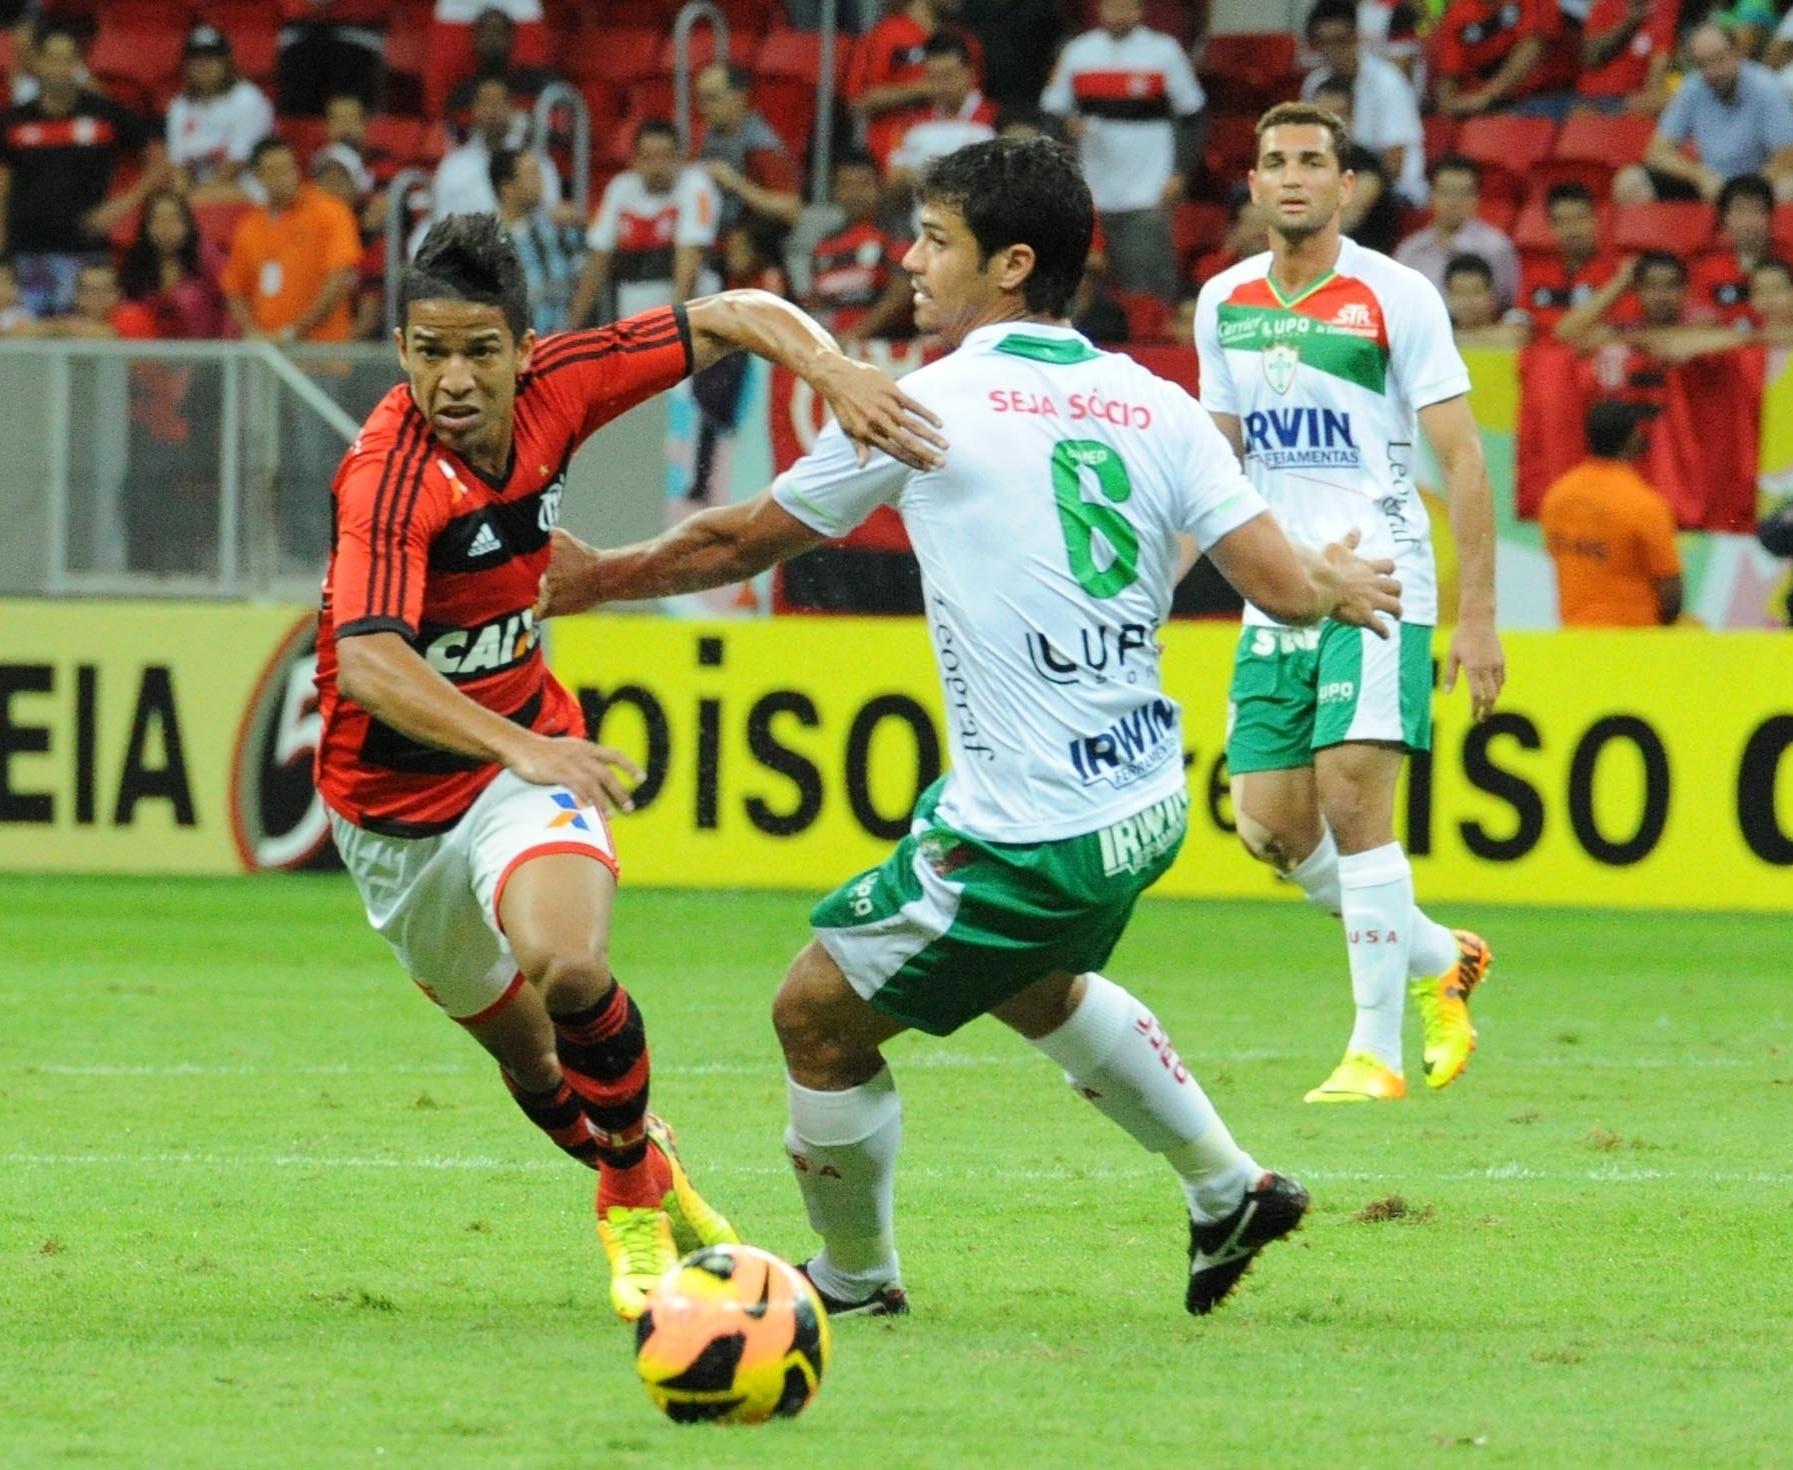 07.08.13 - Nixon faz jogada pelo Flamengo contra a Portuguesa pelo Campeonato Brasileiro